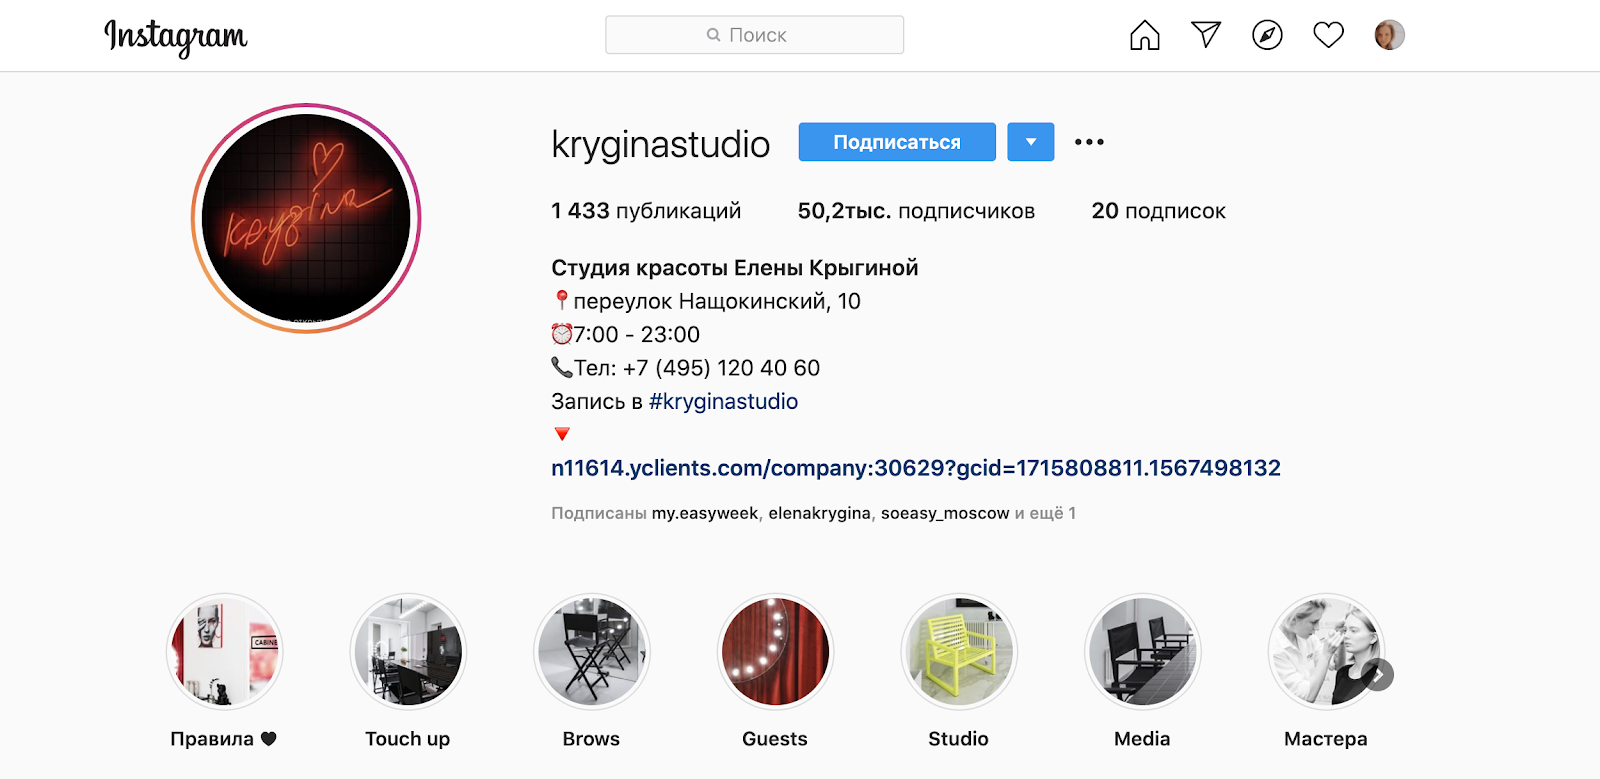 primer-ssylki-na-online-zapis-ot-yclients